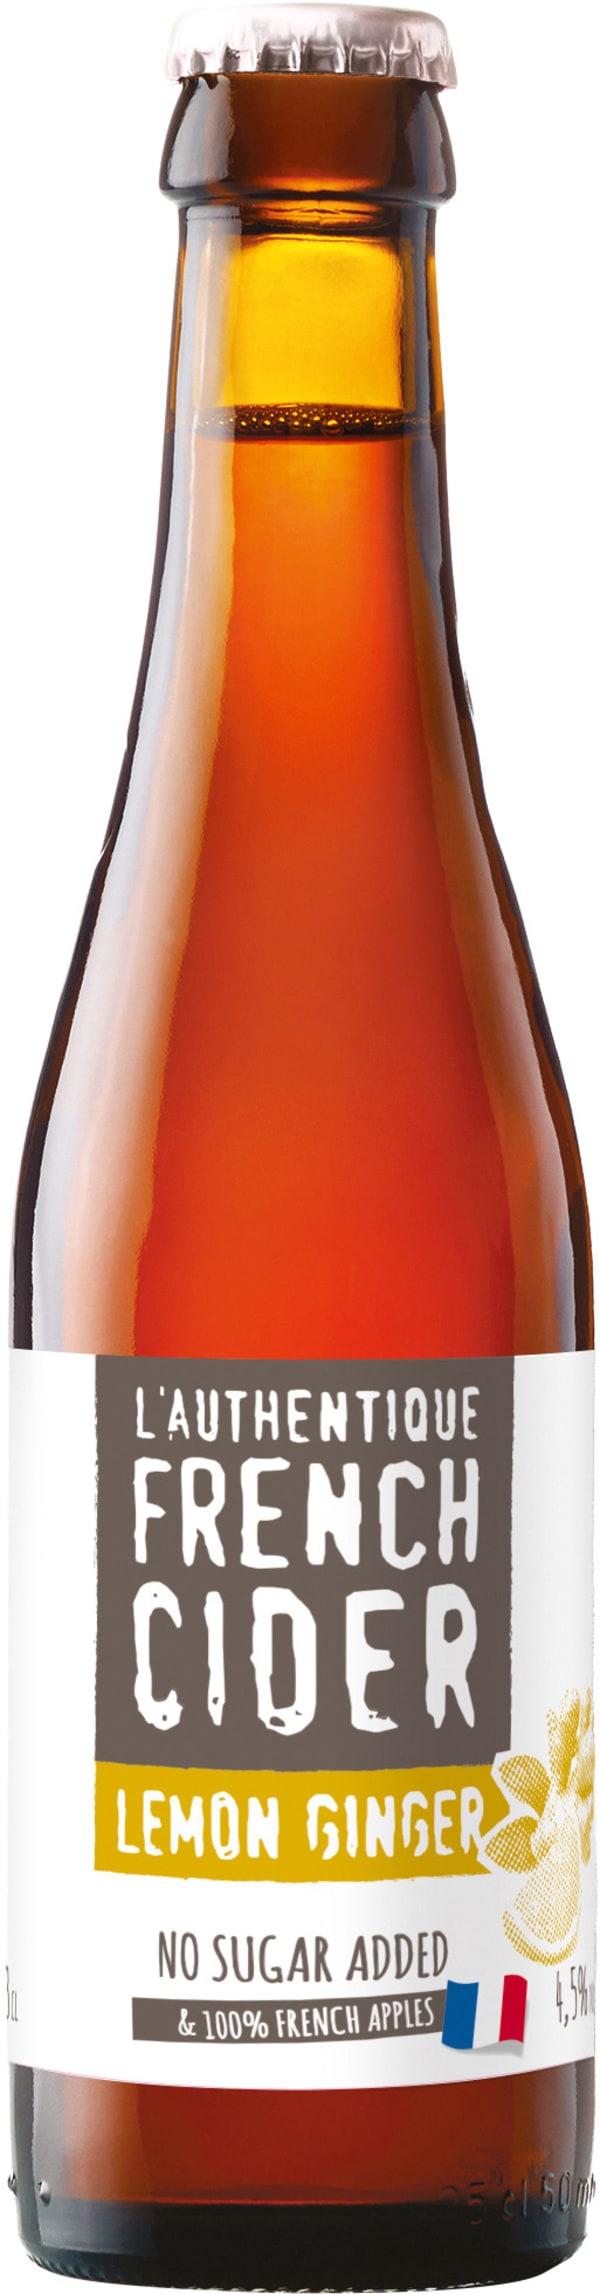 Val de France L'Authentique French Cider Ginger Lemon